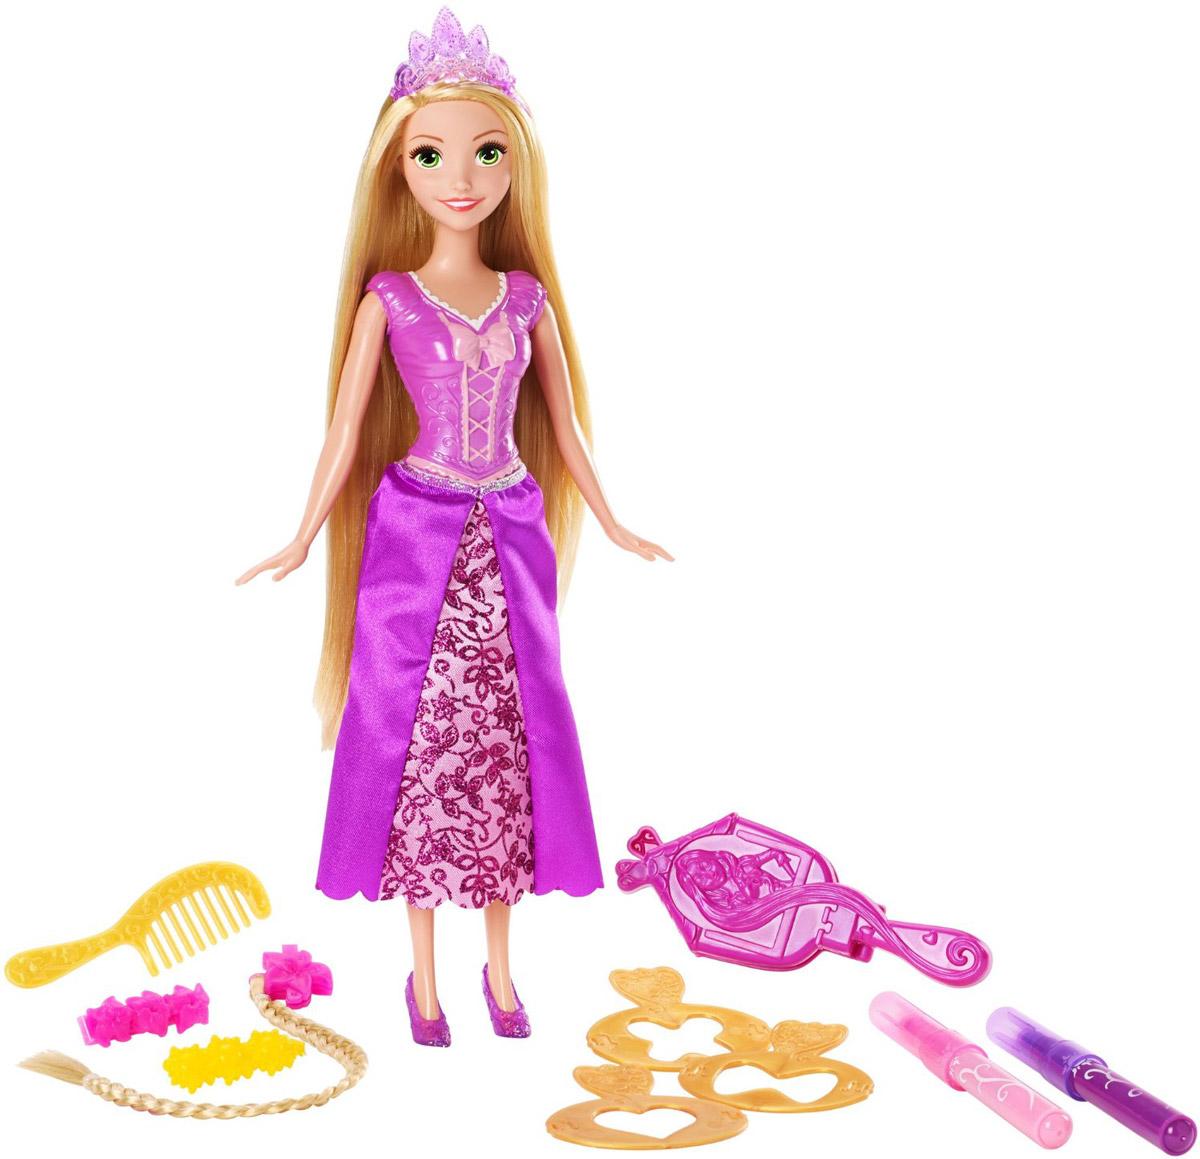 Disney Princess Кукла Рапунцель Стильные прическиCJP12_DFR35Кукла Disney Princess Рапунцель. Стильные прически собирается на торжественный прием в сказочный дворец! Рапунцель одета в свое любимое фиолетовое платье, у нее на голове красивая диадема, а на ногах легкие туфельки в цвет платья. Верхняя часть наряда Рапунцель пластиковая, а нижняя выполнена из текстиля. Благодаря многочисленным аксессуарам, входящим в комплект, девочка может самостоятельно не только придумать оригинальную прическу для Рапунцель, но и украсить шикарные волосы куклы! Украсить их очень легко. В наборе есть три трафарета с узорами, выбрав нужный узор, нужно поместить трафарет в специальный инструмент, который также может служить и в качестве зеркальца. Приложите зеркальце с трафаретом к волосам куклы и украсьте их специальным маркером розового или фиолетового цвета. Теперь можно украсить прическу разноцветными заколочками и смело отправляться на торжество! Заколками может пользоваться не только кукла, но и сама девочка. Порадуйте свою...